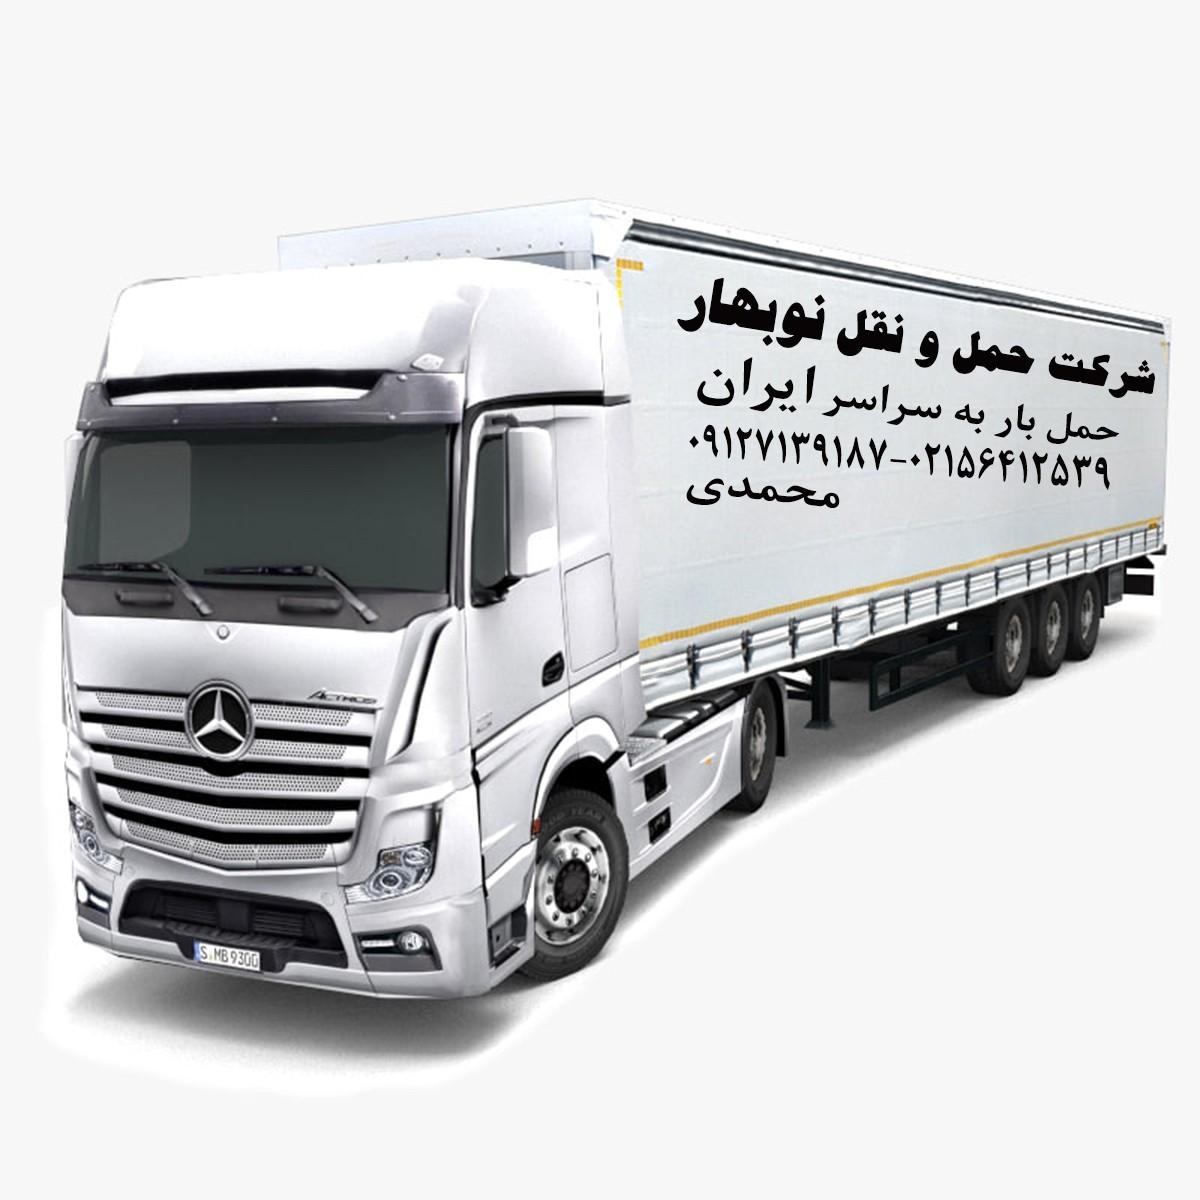 باربری تهران / حمل بار به تمام نقاط ایران